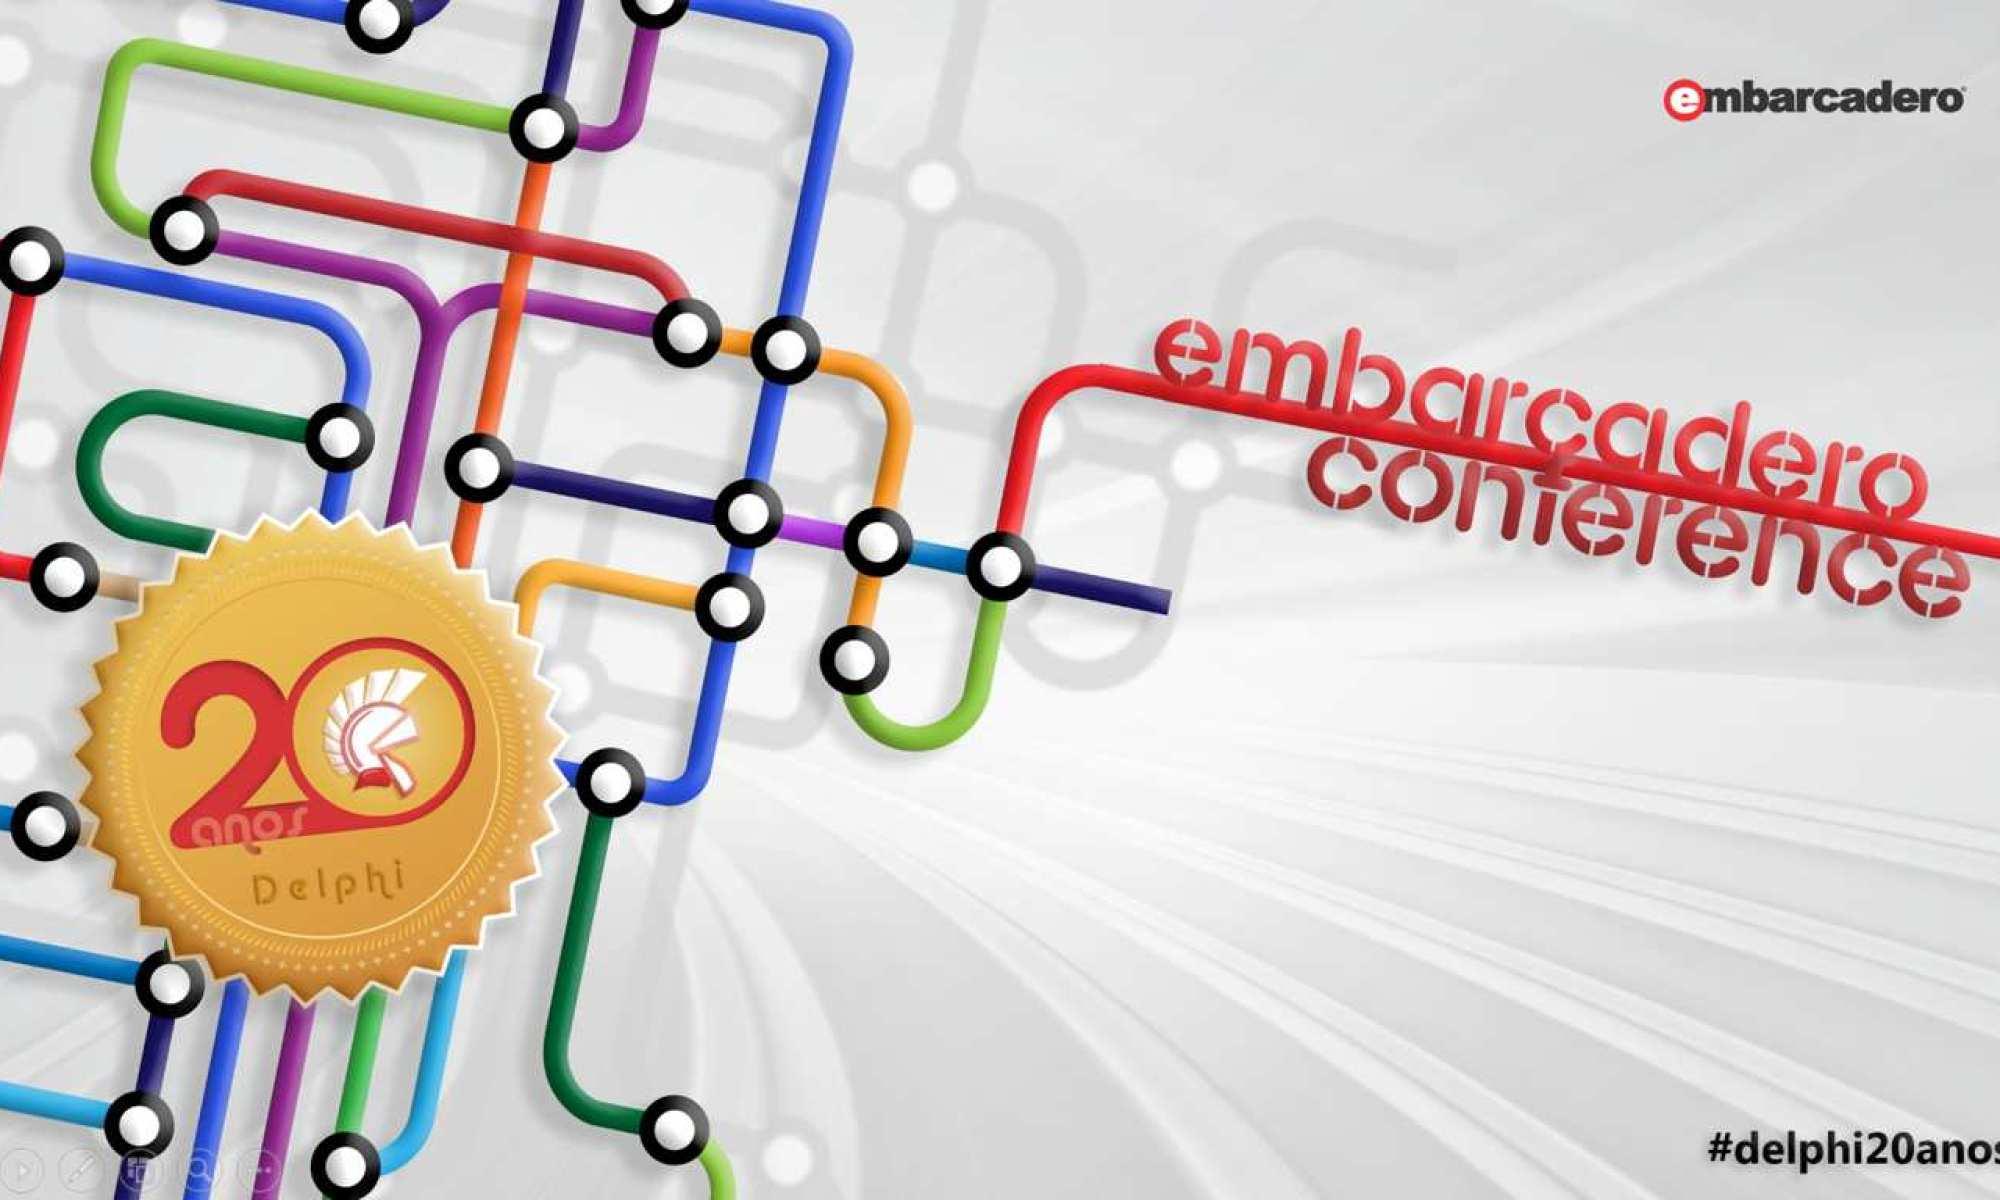 Embarcadero Conference BR 2015